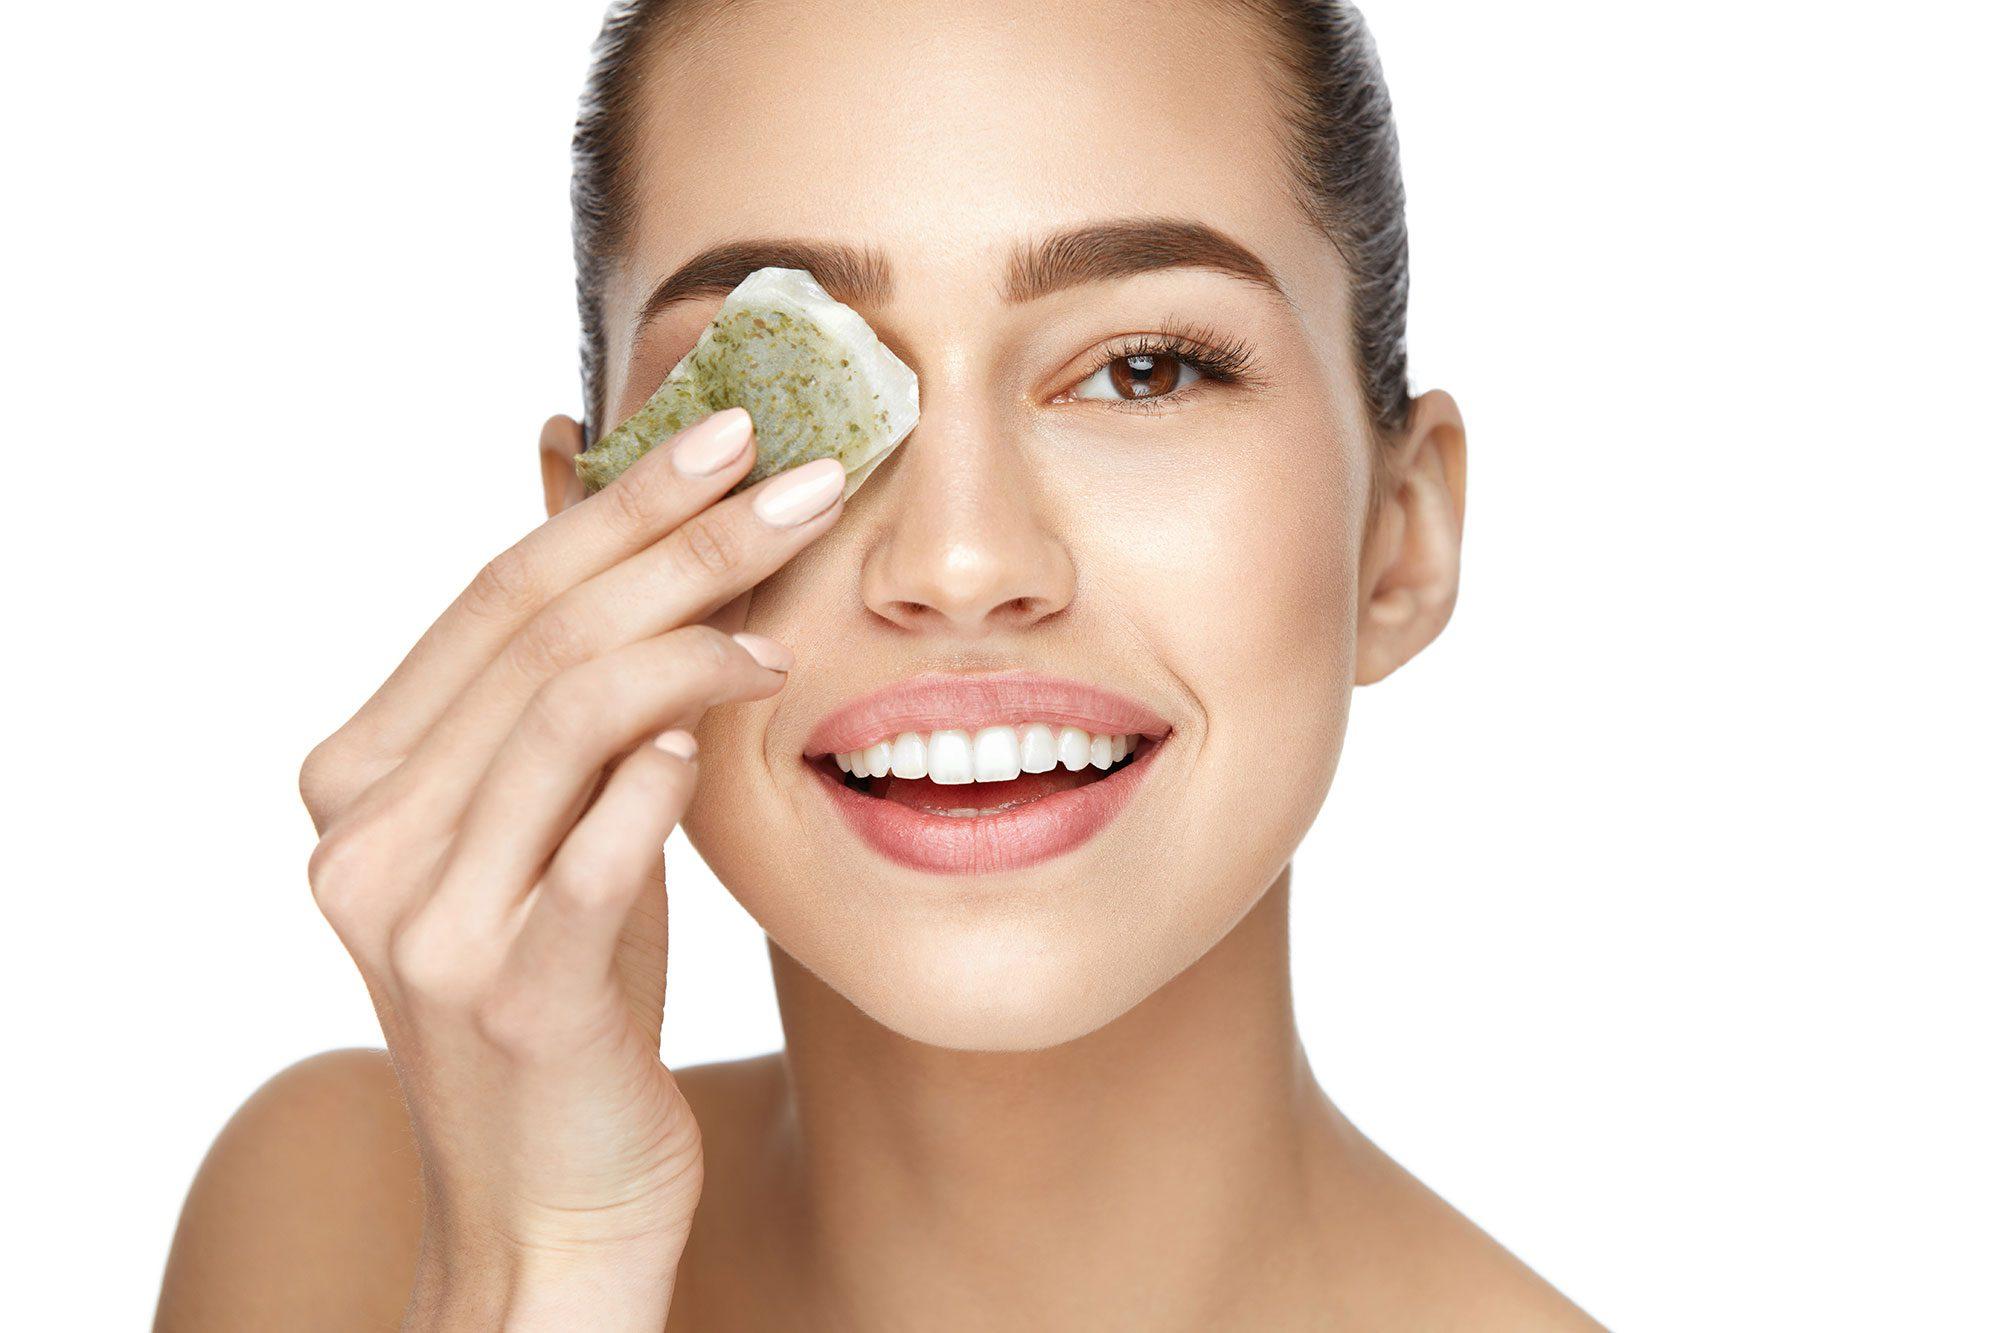 Green tea and skincare benefits